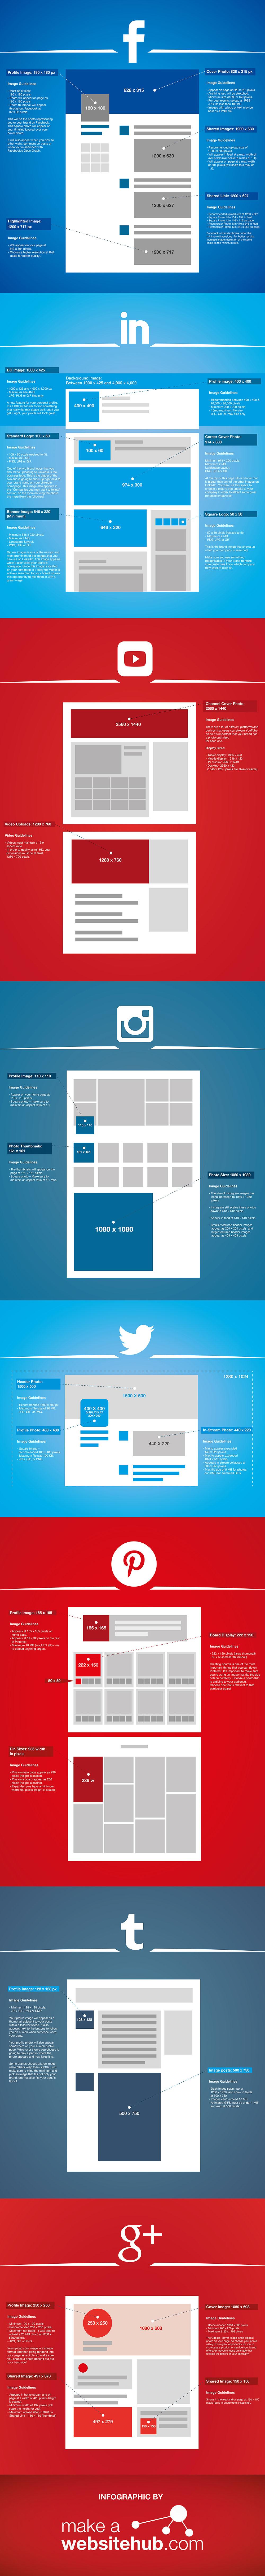 Social media - formaty grafik w 2017 roku